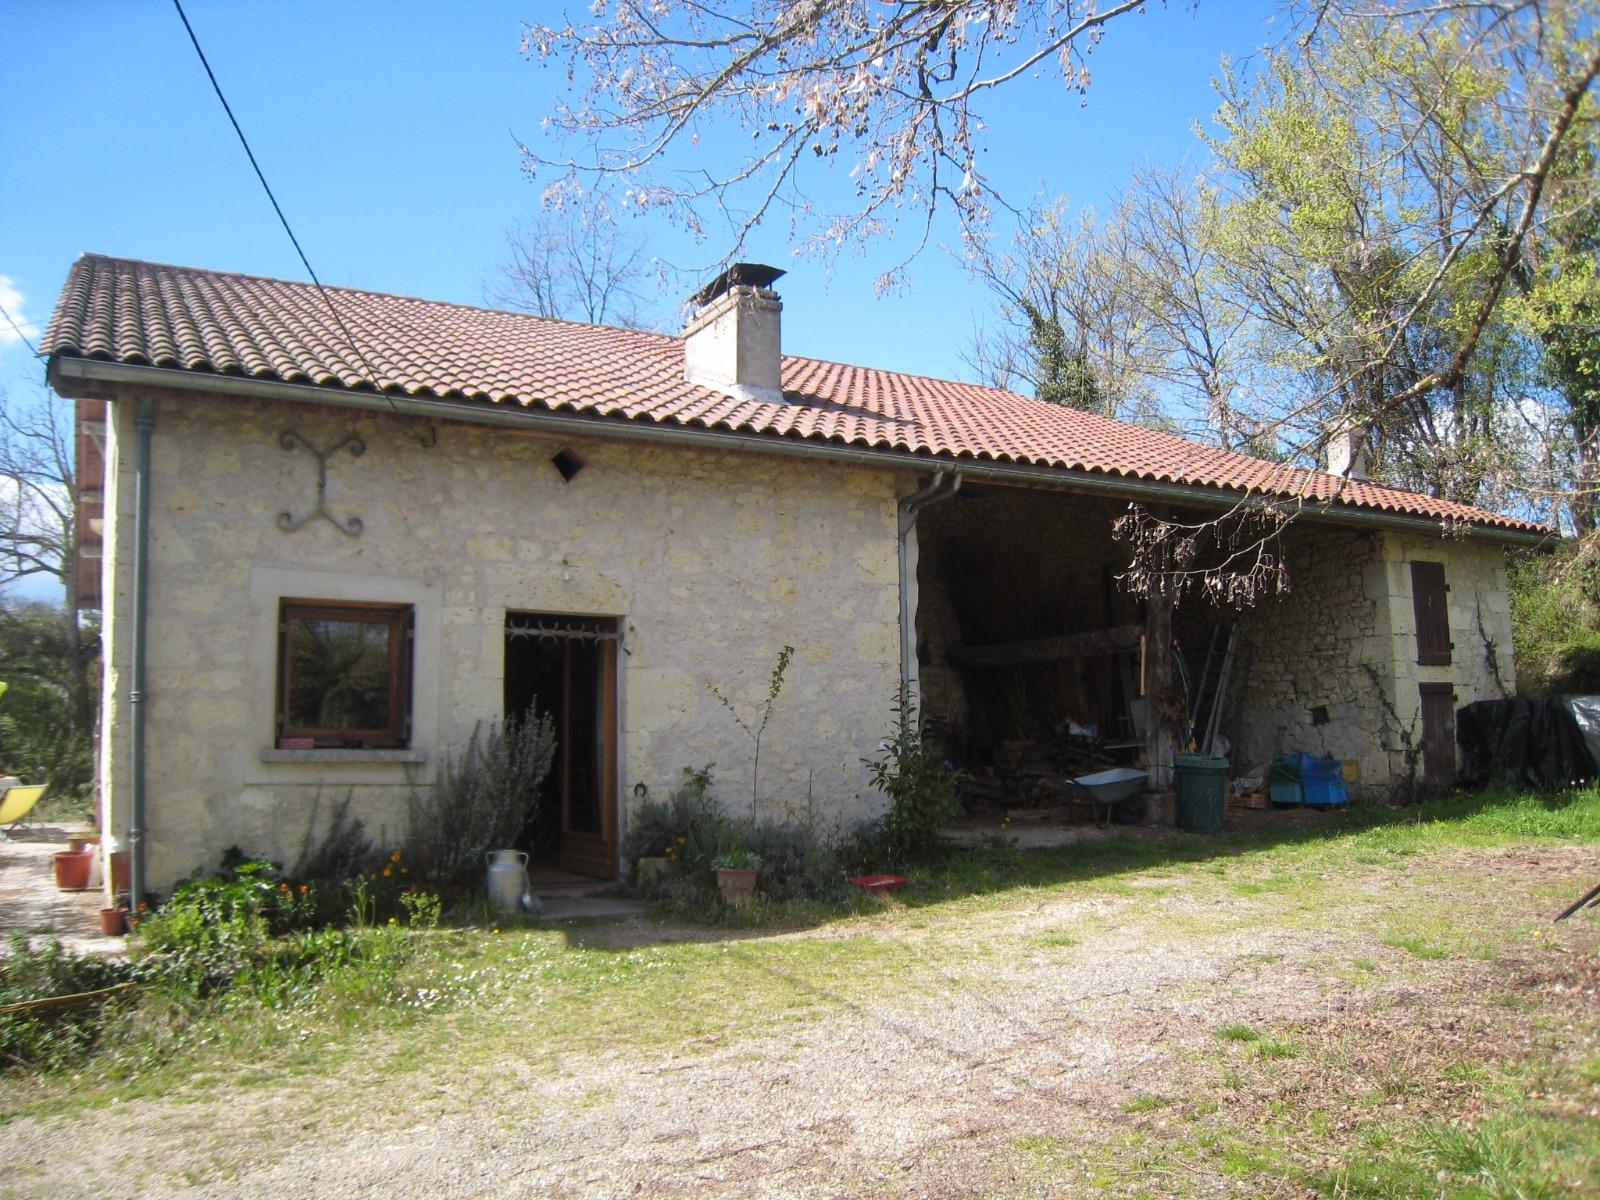 Vente maison en pierre avec terrain for Garage ad la bresse